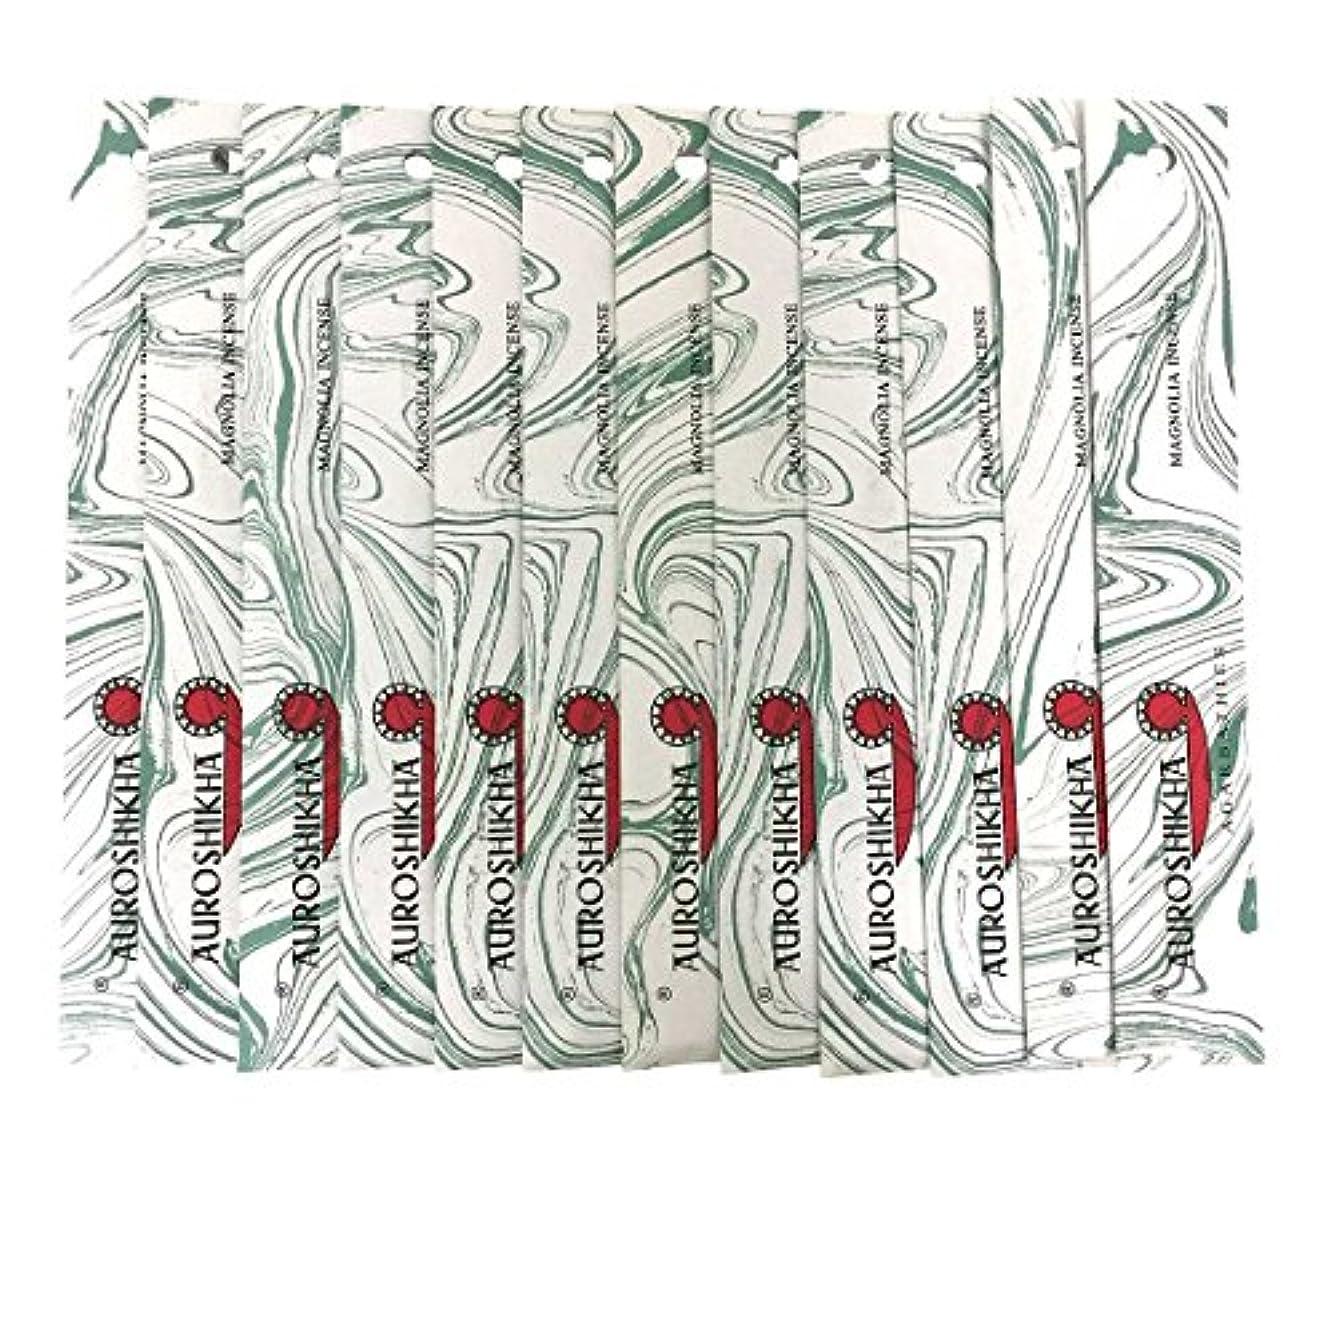 セミナーバドミントン消費するAUROSHIKHA オウロシカ(MAGNOLIAマグノリア12個セット) マーブルパッケージスティック 送料無料